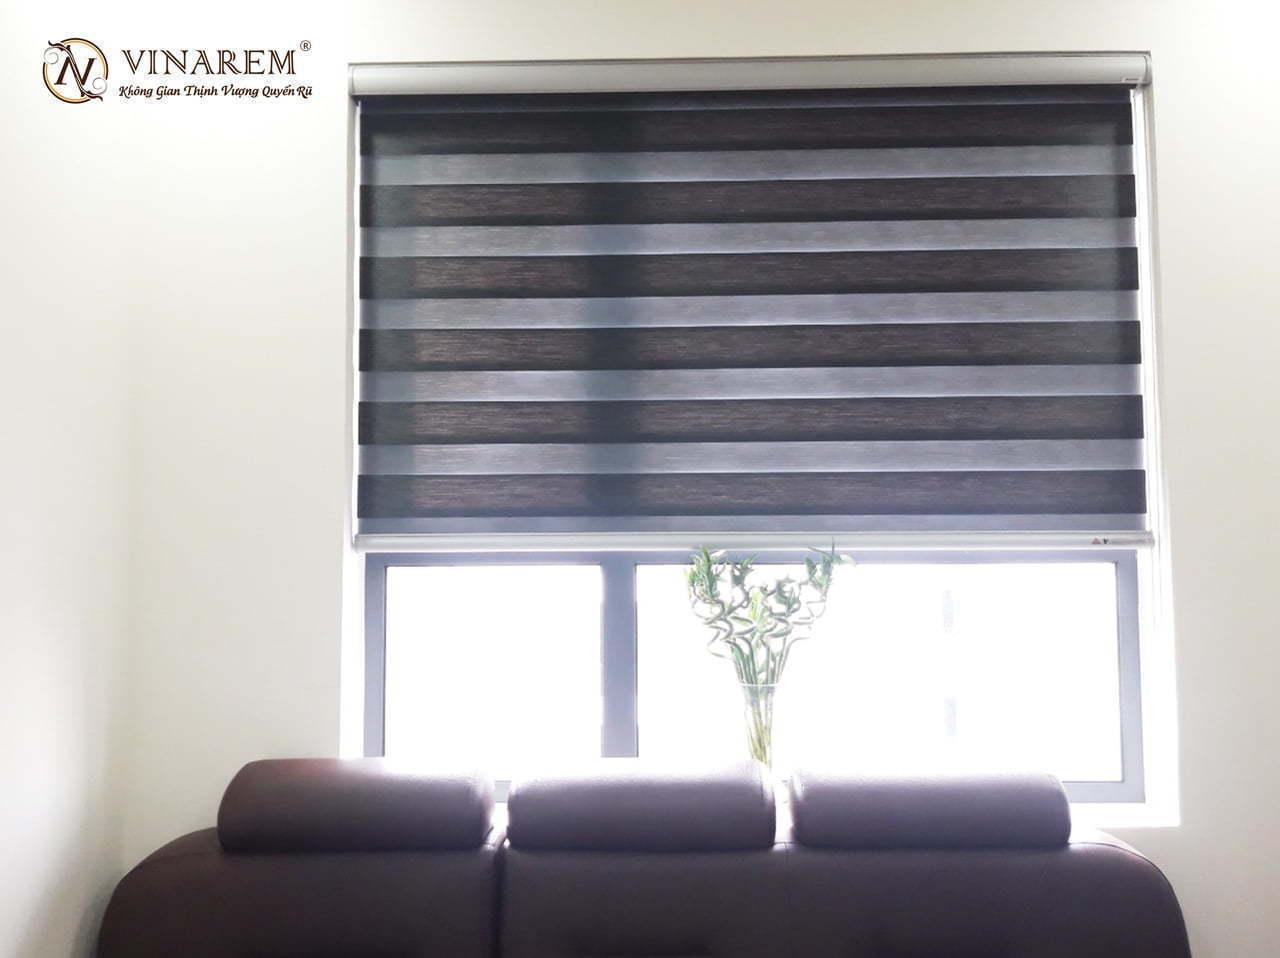 Rèm cầu vồng cửa sổ cao cấp | Vinarem